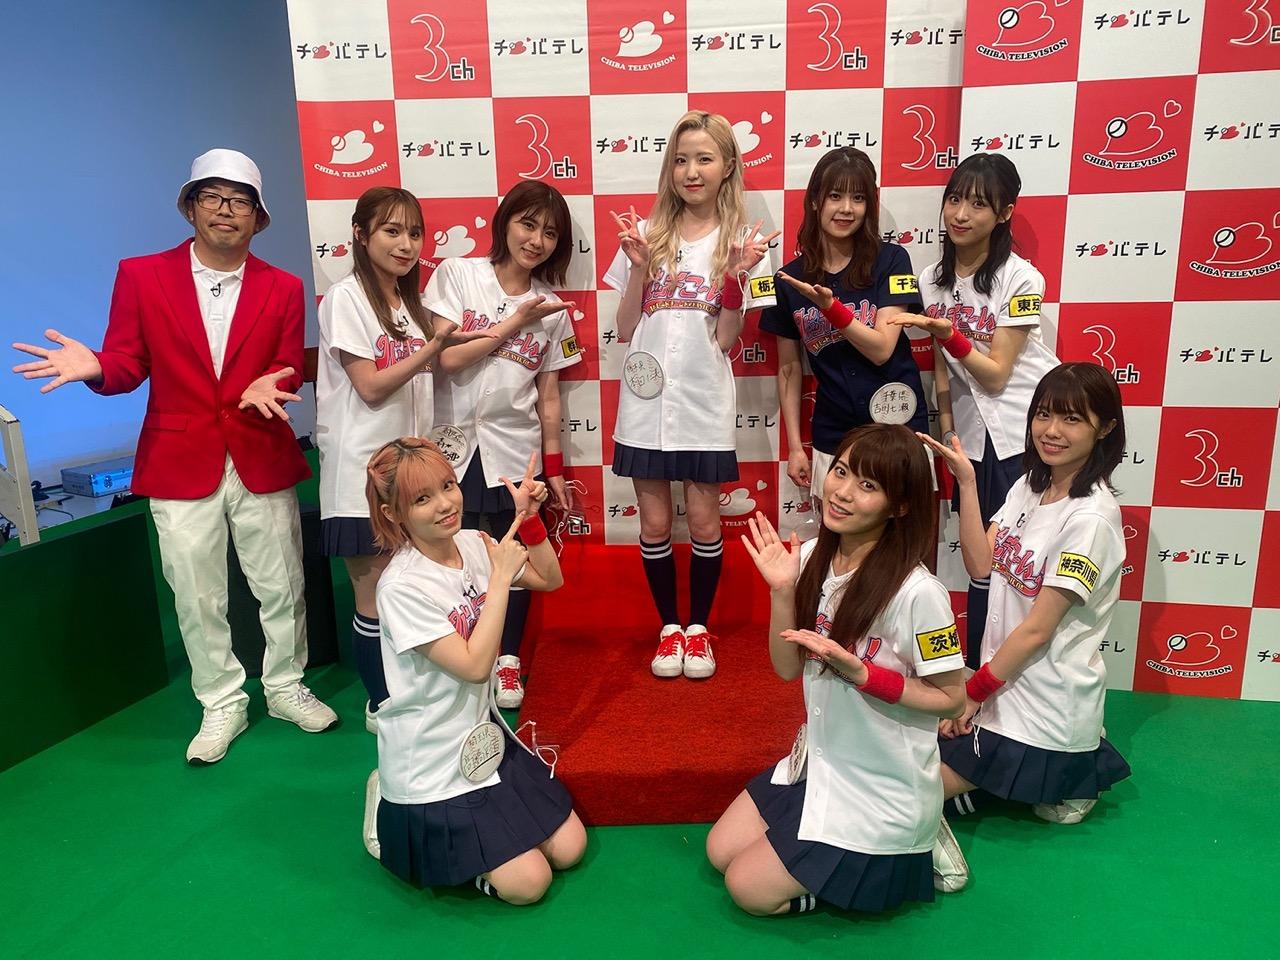 「AKB48チーム8のKANTO白書 バッチこーい!」#90:ひぃちゃんお帰りなさい記念!バッチバチ!バッチこい2年半のキセキ!【2021.7.4 23:30〜 チバテレ】